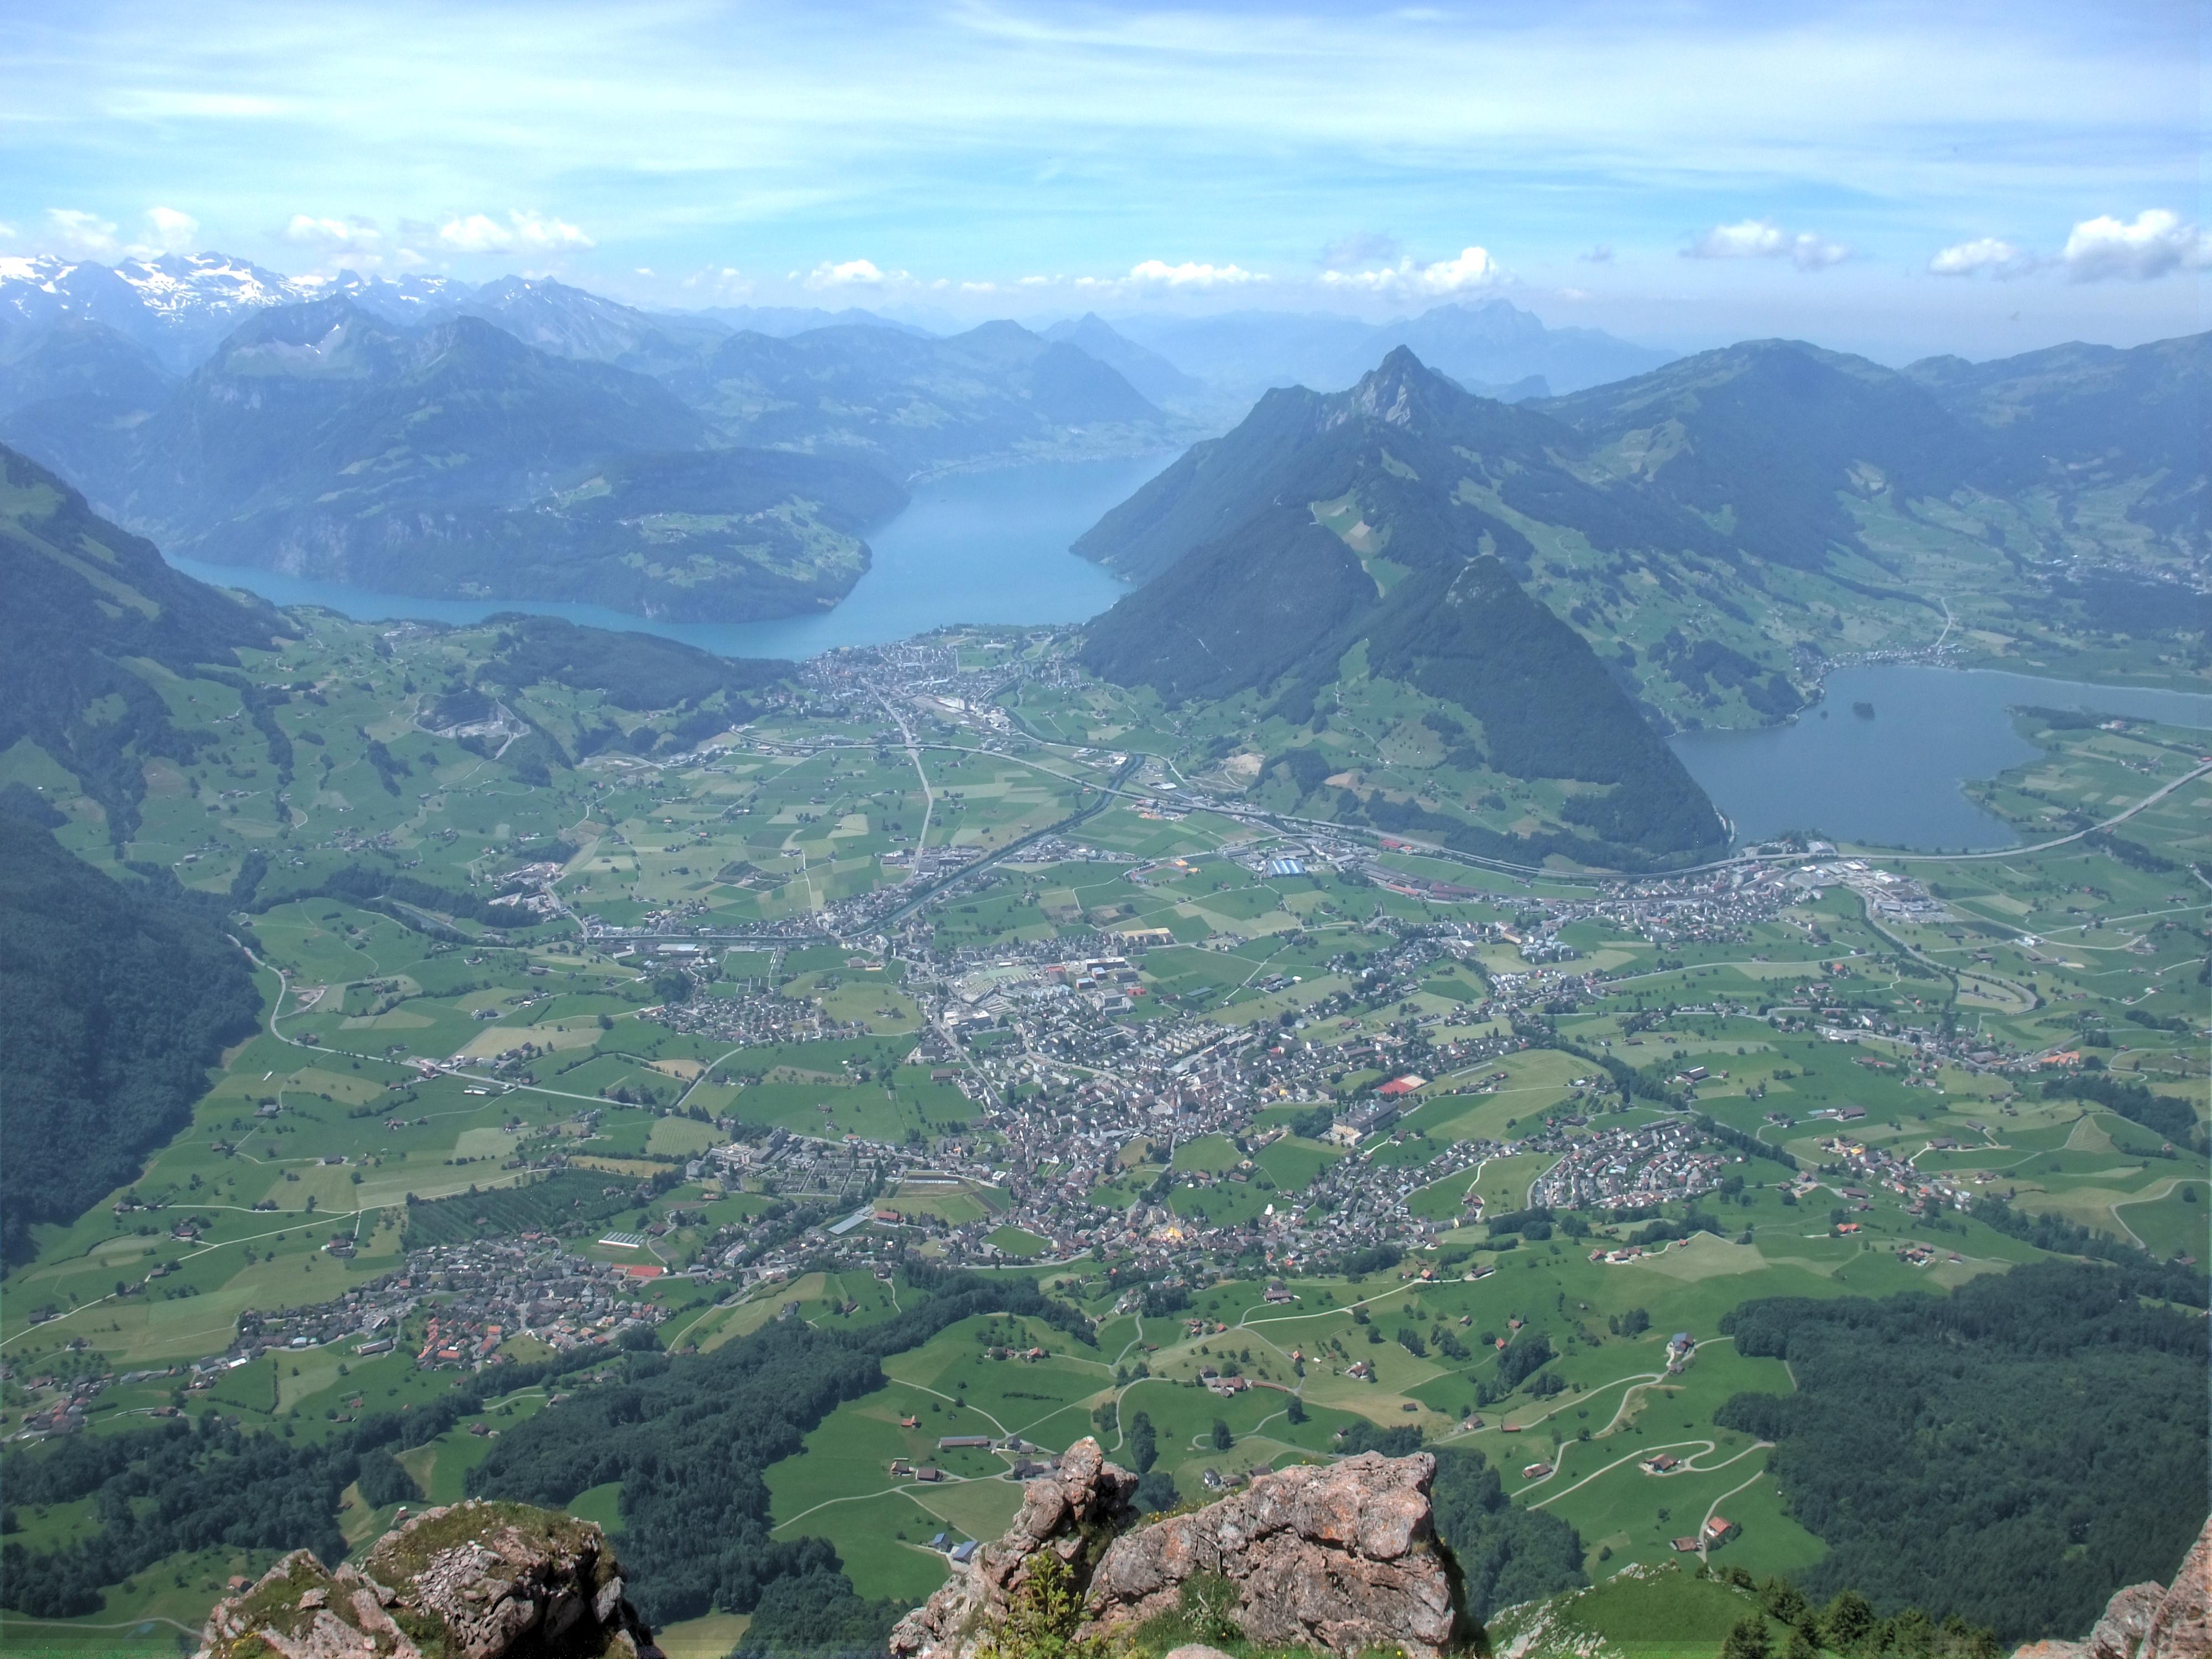 Blick vom Gipfel auf Schwyz, hinten links der Knick im Vierwaldstättersee, rechts der Lauerzersee.